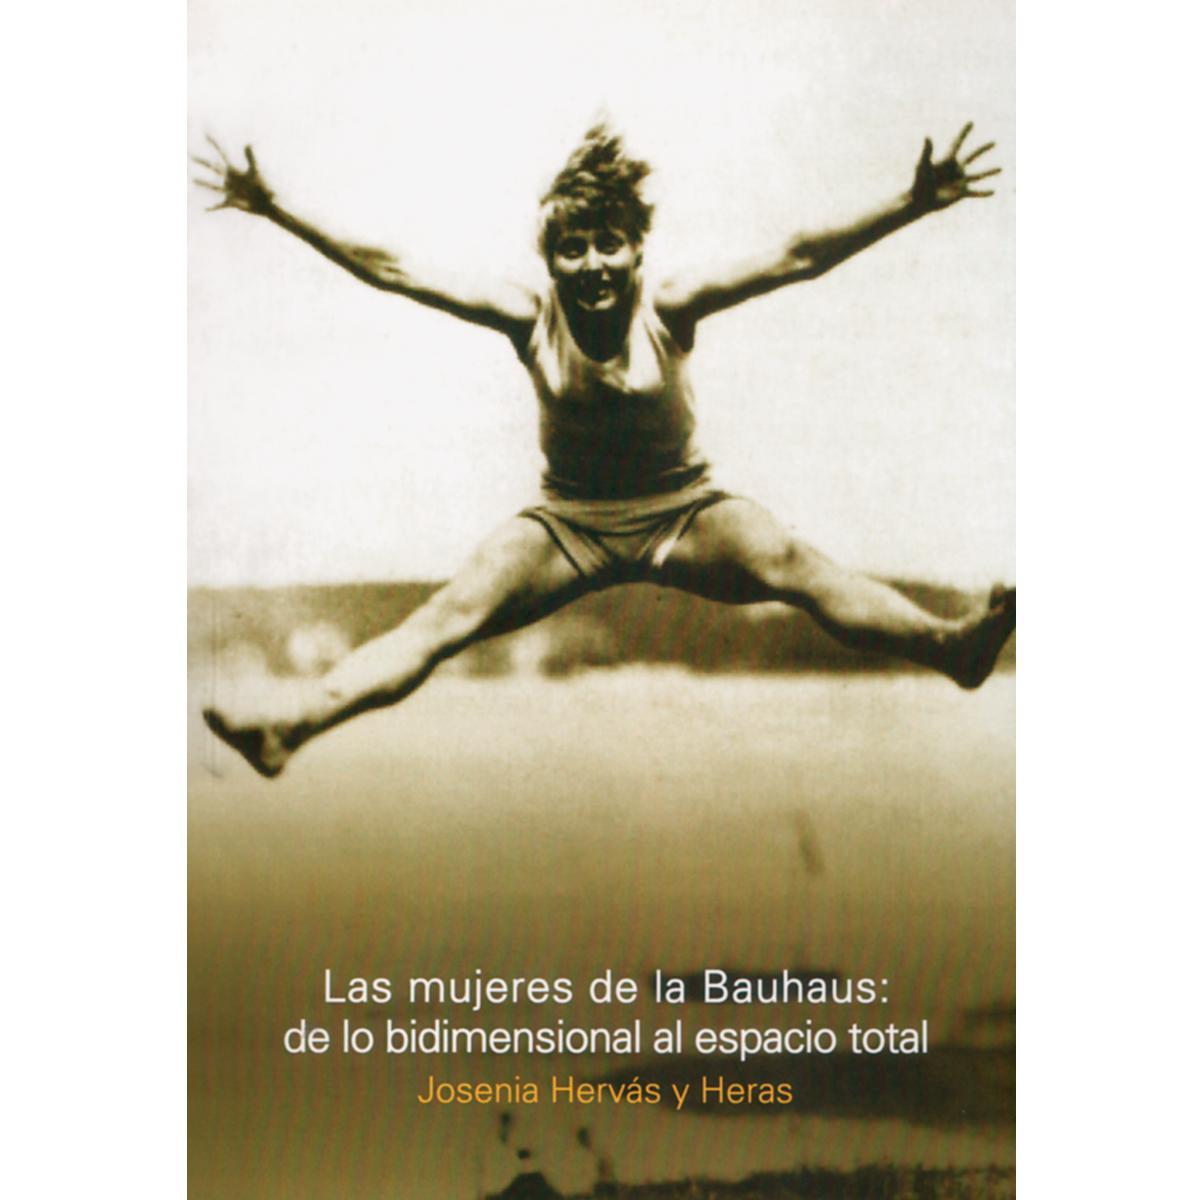 Las mujeres de la Bauhaus